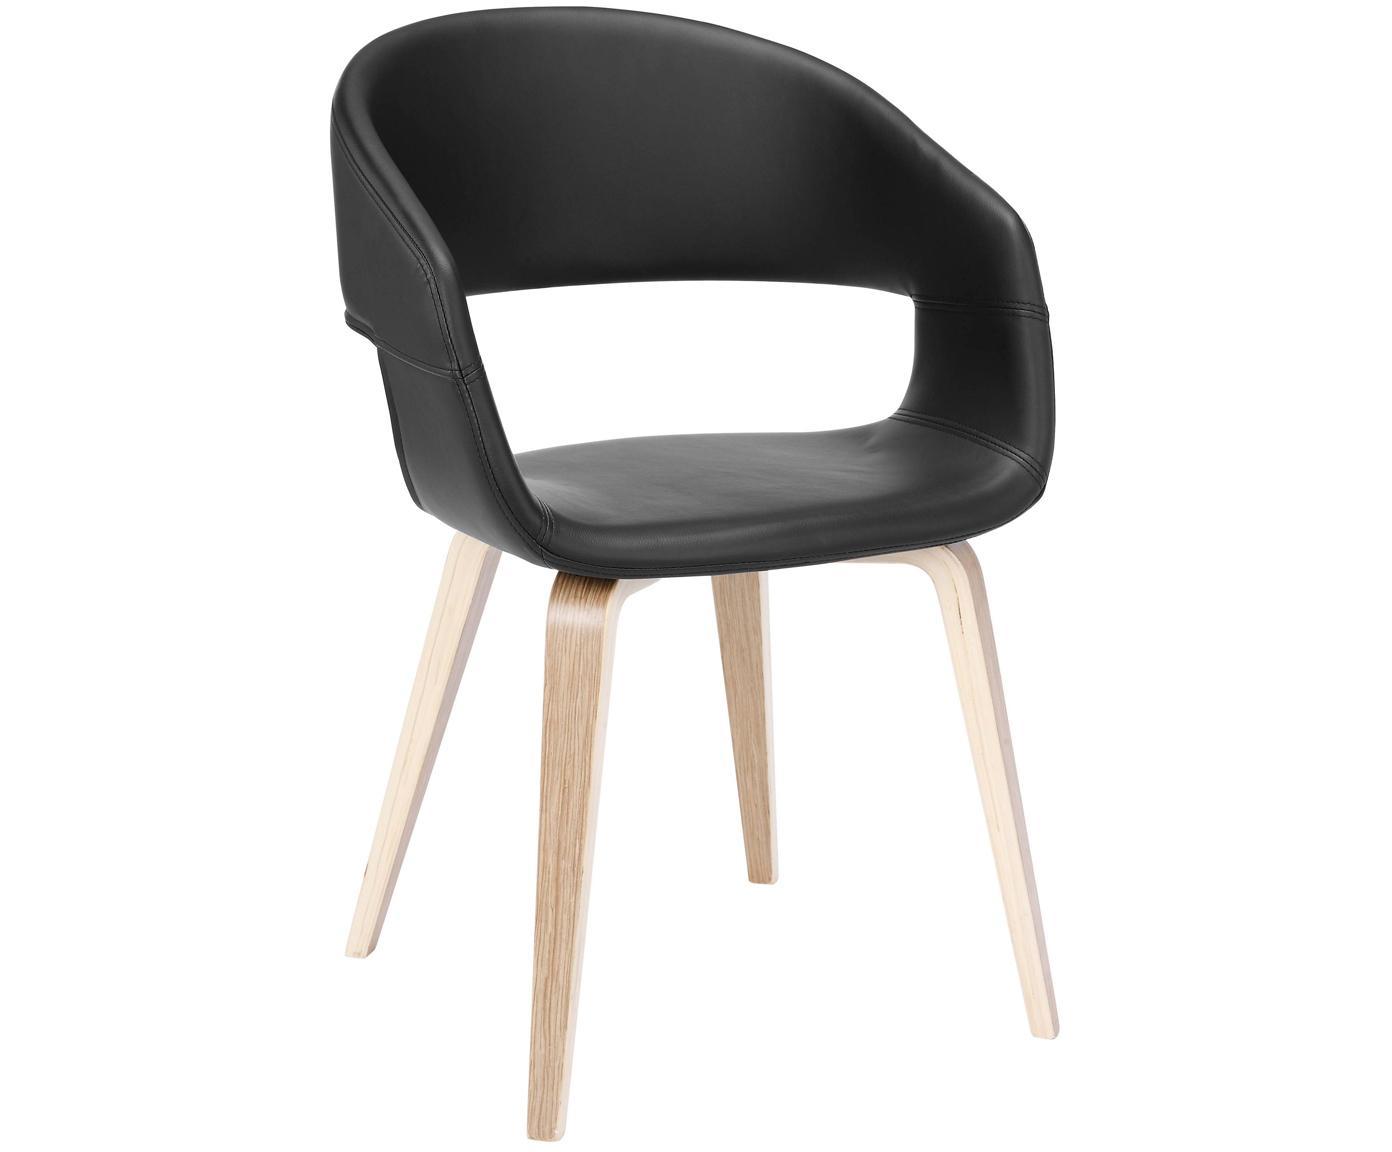 Krzesło z podłokietnikami ze sztucznej skóry  Nova, 2 szt., Nogi: drewno dębowe, lakierowan, Tapicerka: sztuczna skóra (poliureta, Czarny, drewno dębowe, S 50 x W 77 cm